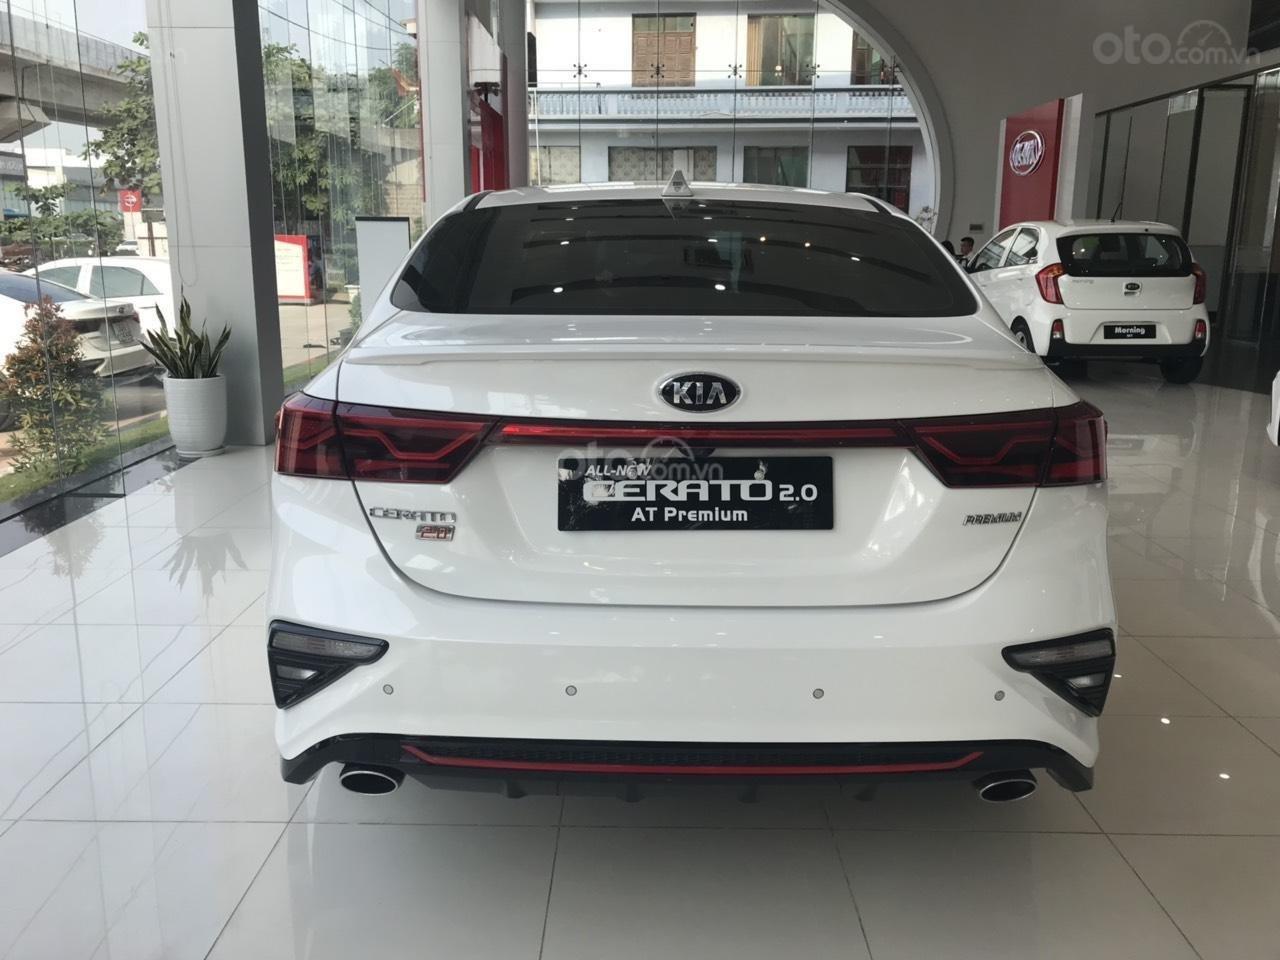 Cần bán chiếc xe Kia Cerato, 2019, màu trắng, giá cực kì hấp dẫn (6)